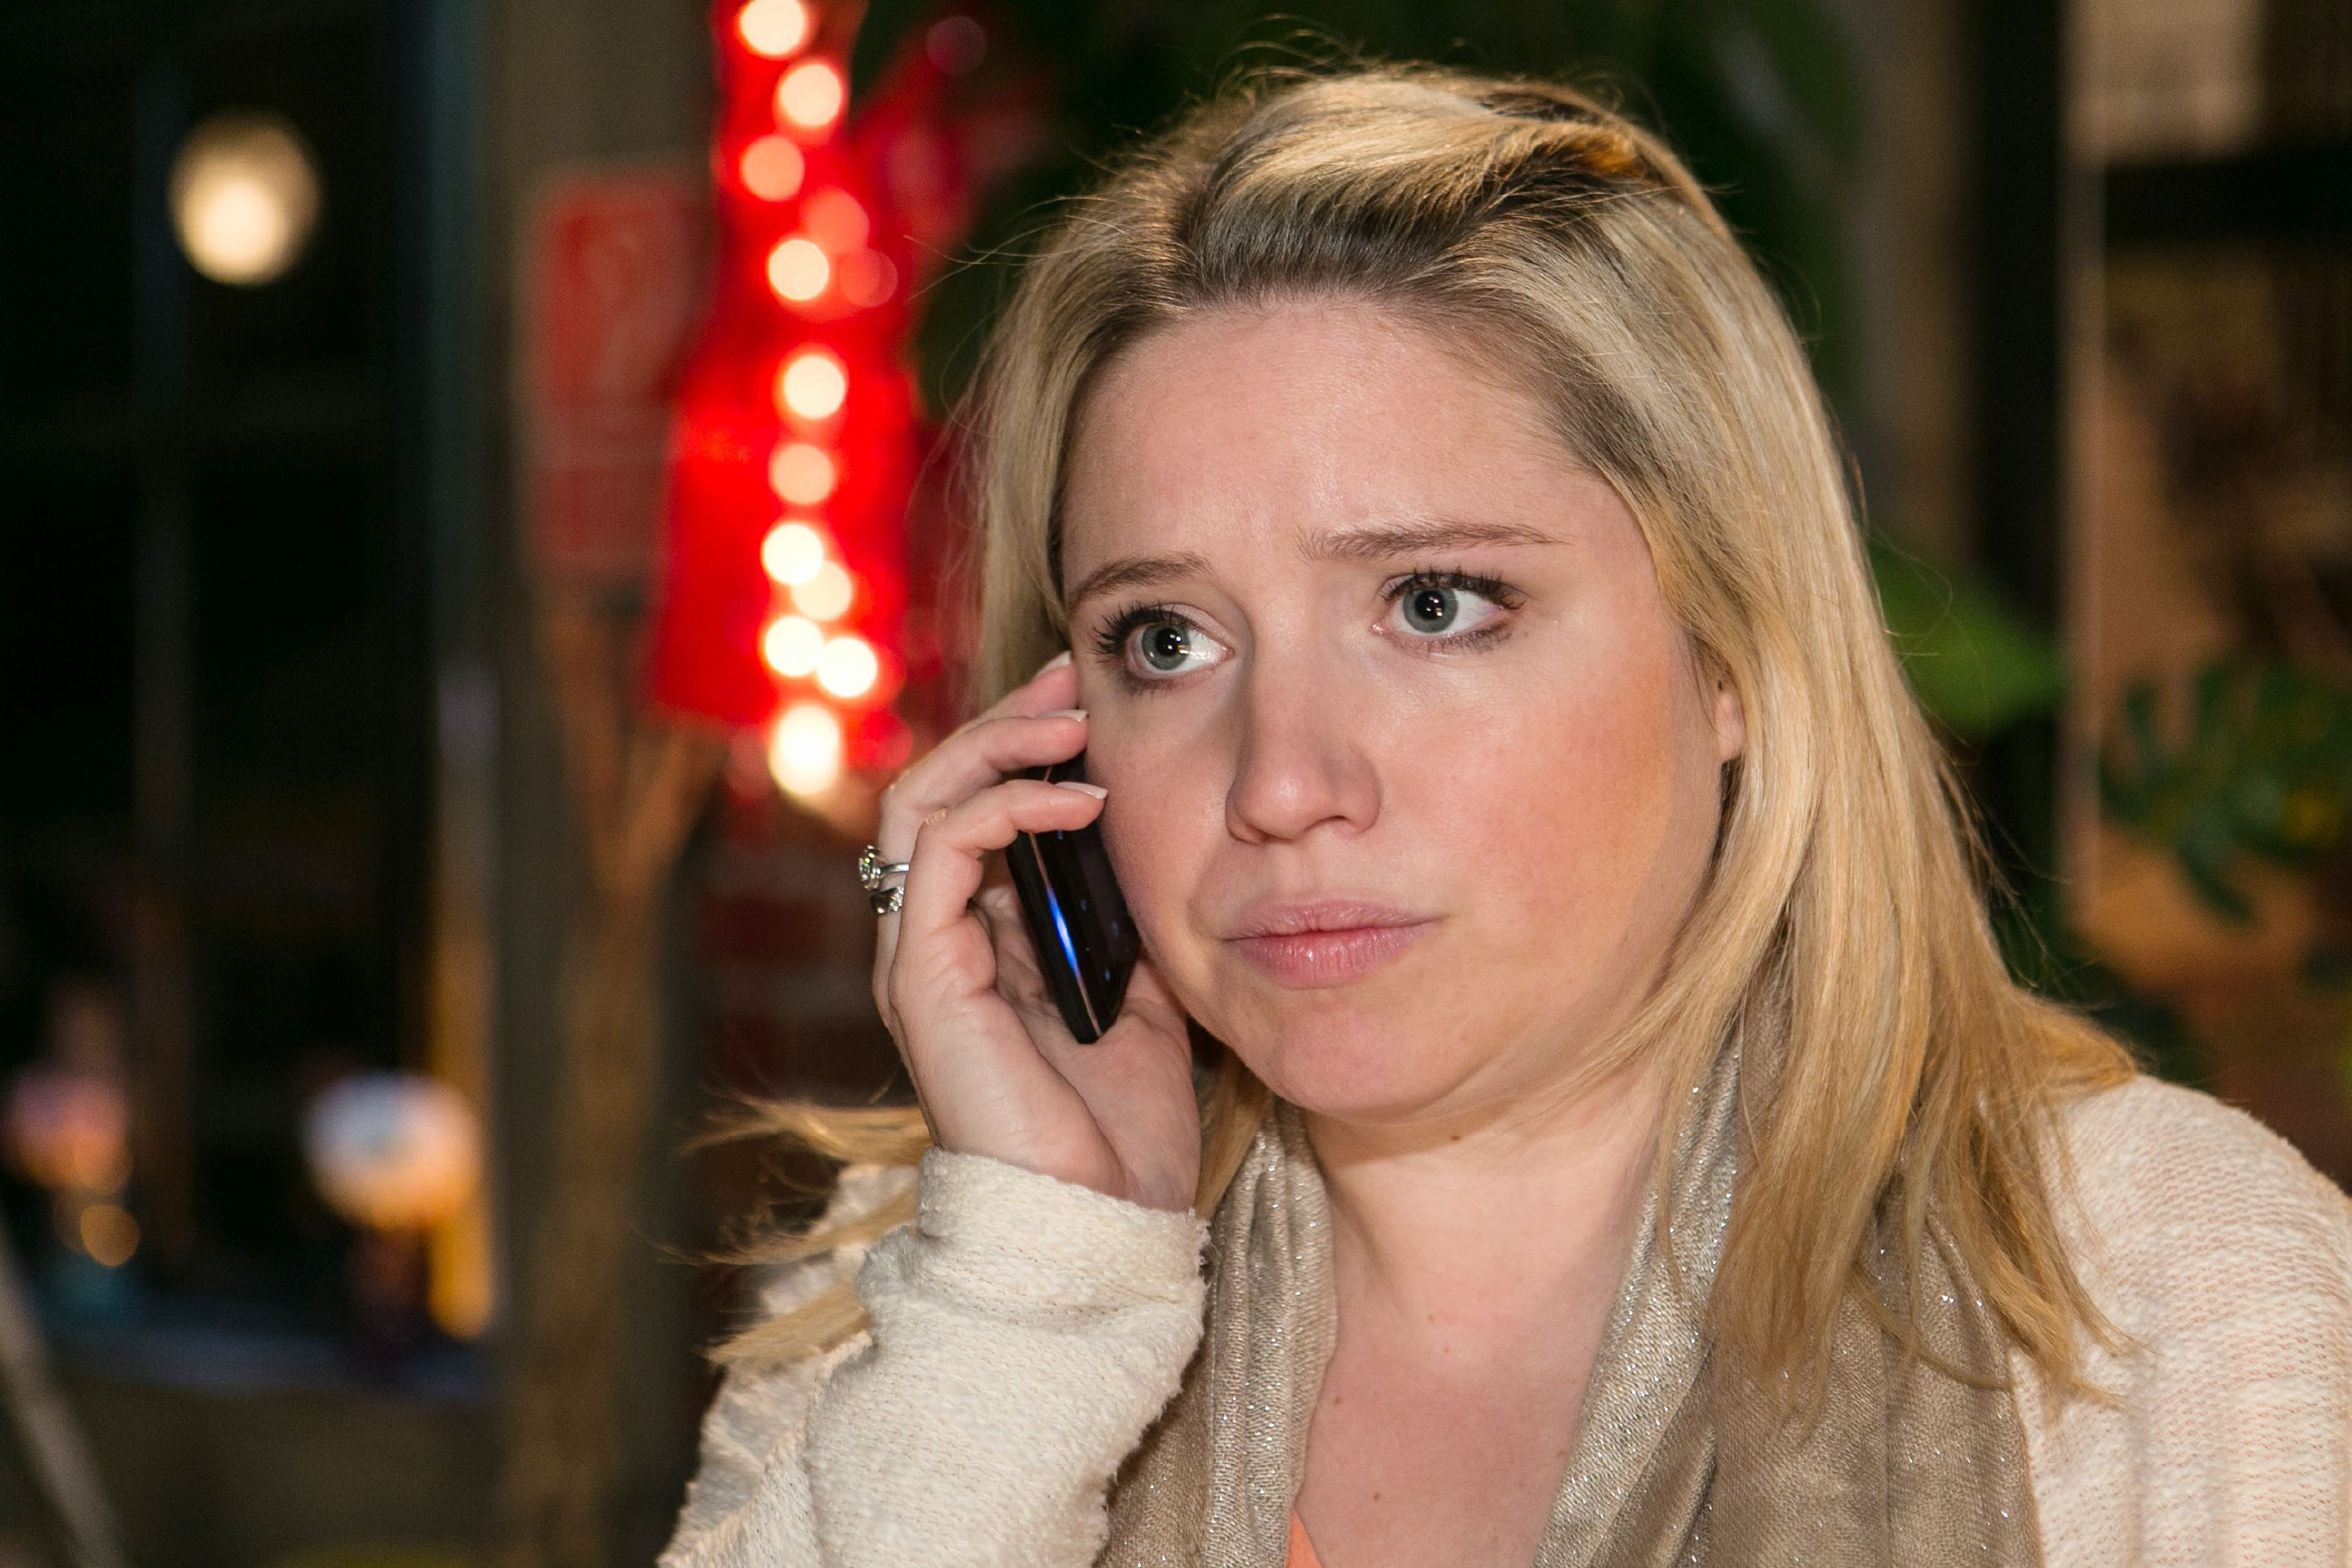 Während des Telefonats mit Marian entscheidet sich Bea (Caroline Maria Frier), Ingo die ganze Wahrheit über ihren One-Night-Stand mit Marian zu beichten. (Quelle: RTL / Kai Schulz)